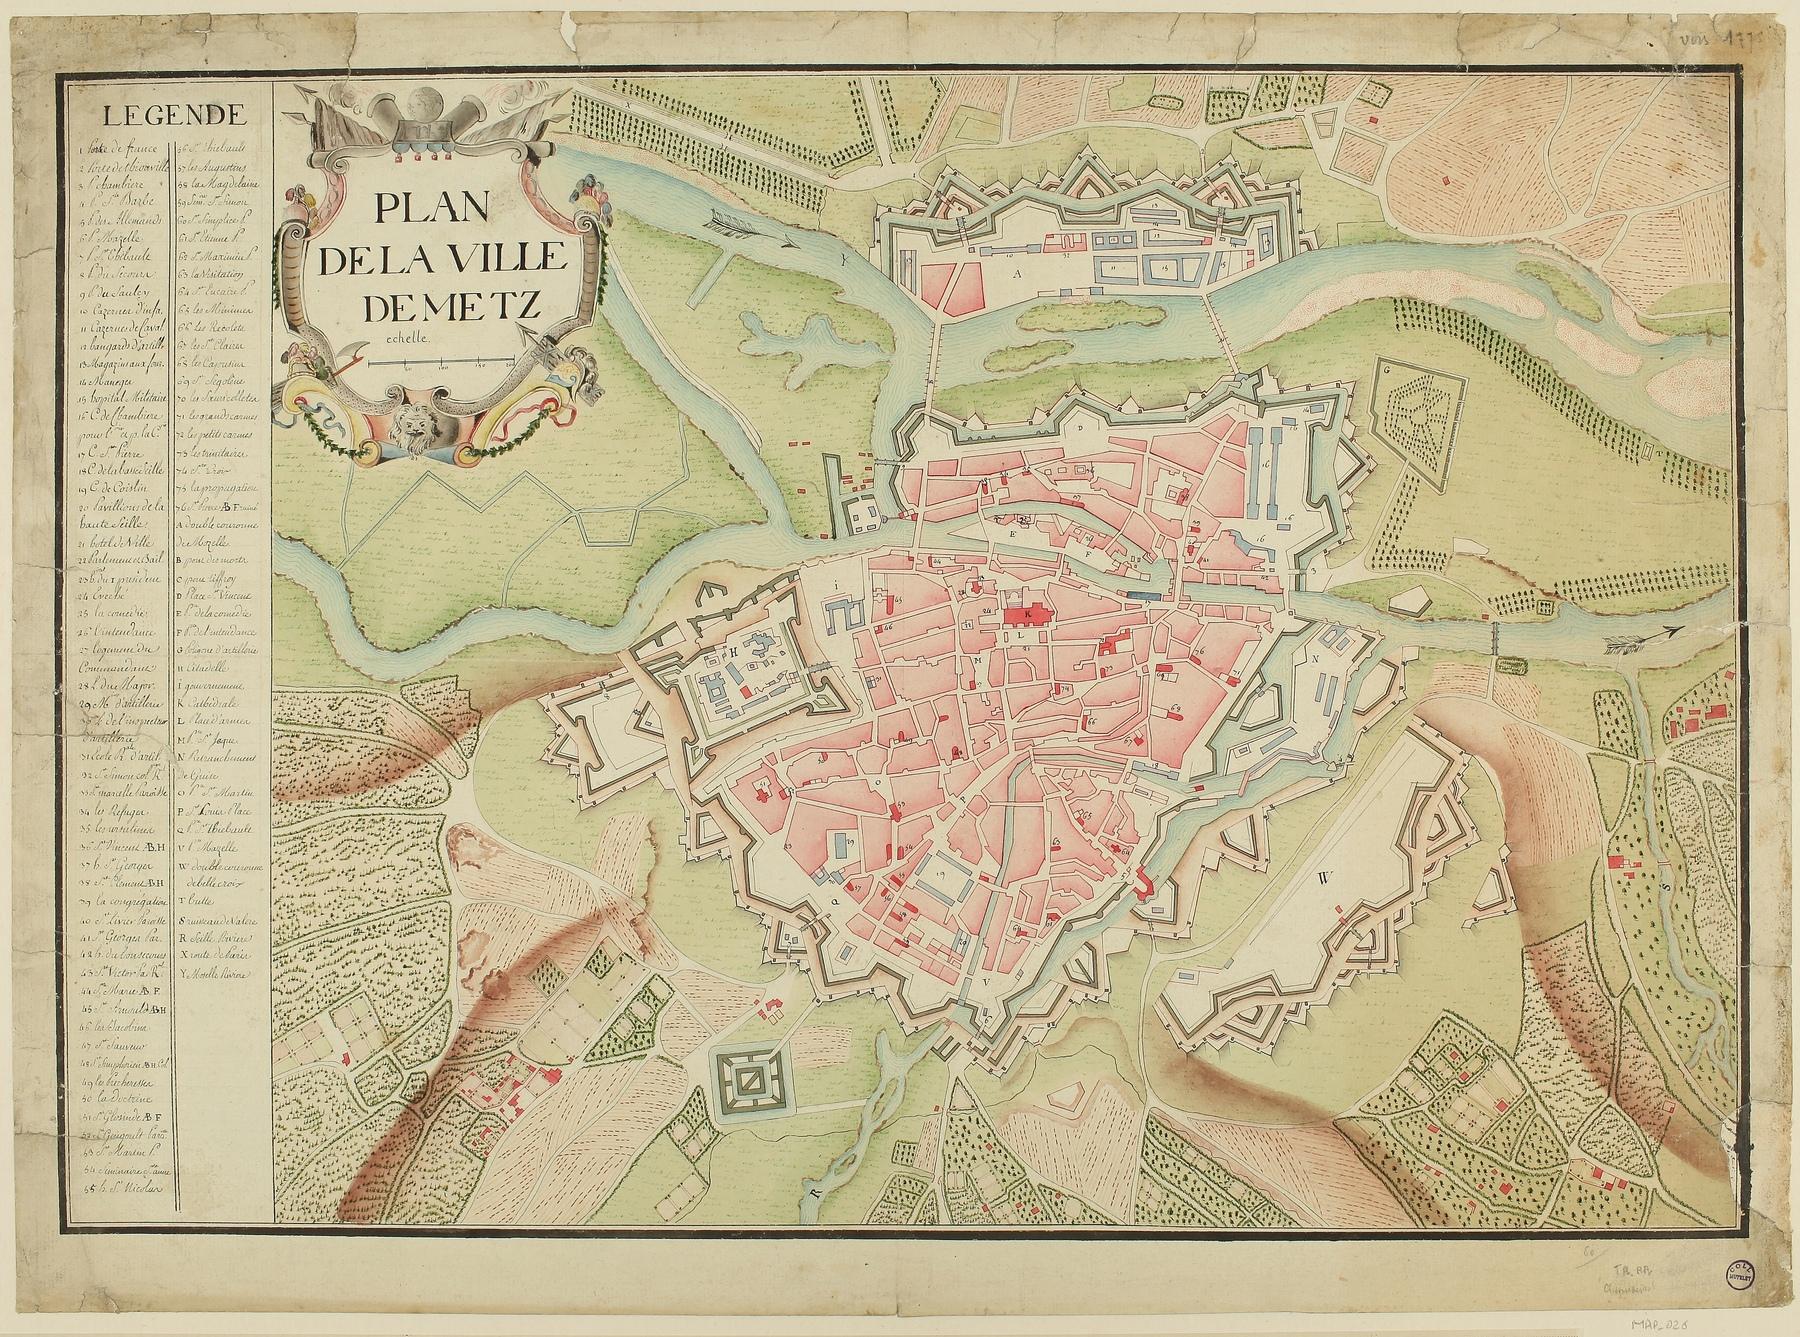 Contenu du Plan de la Ville de Metz